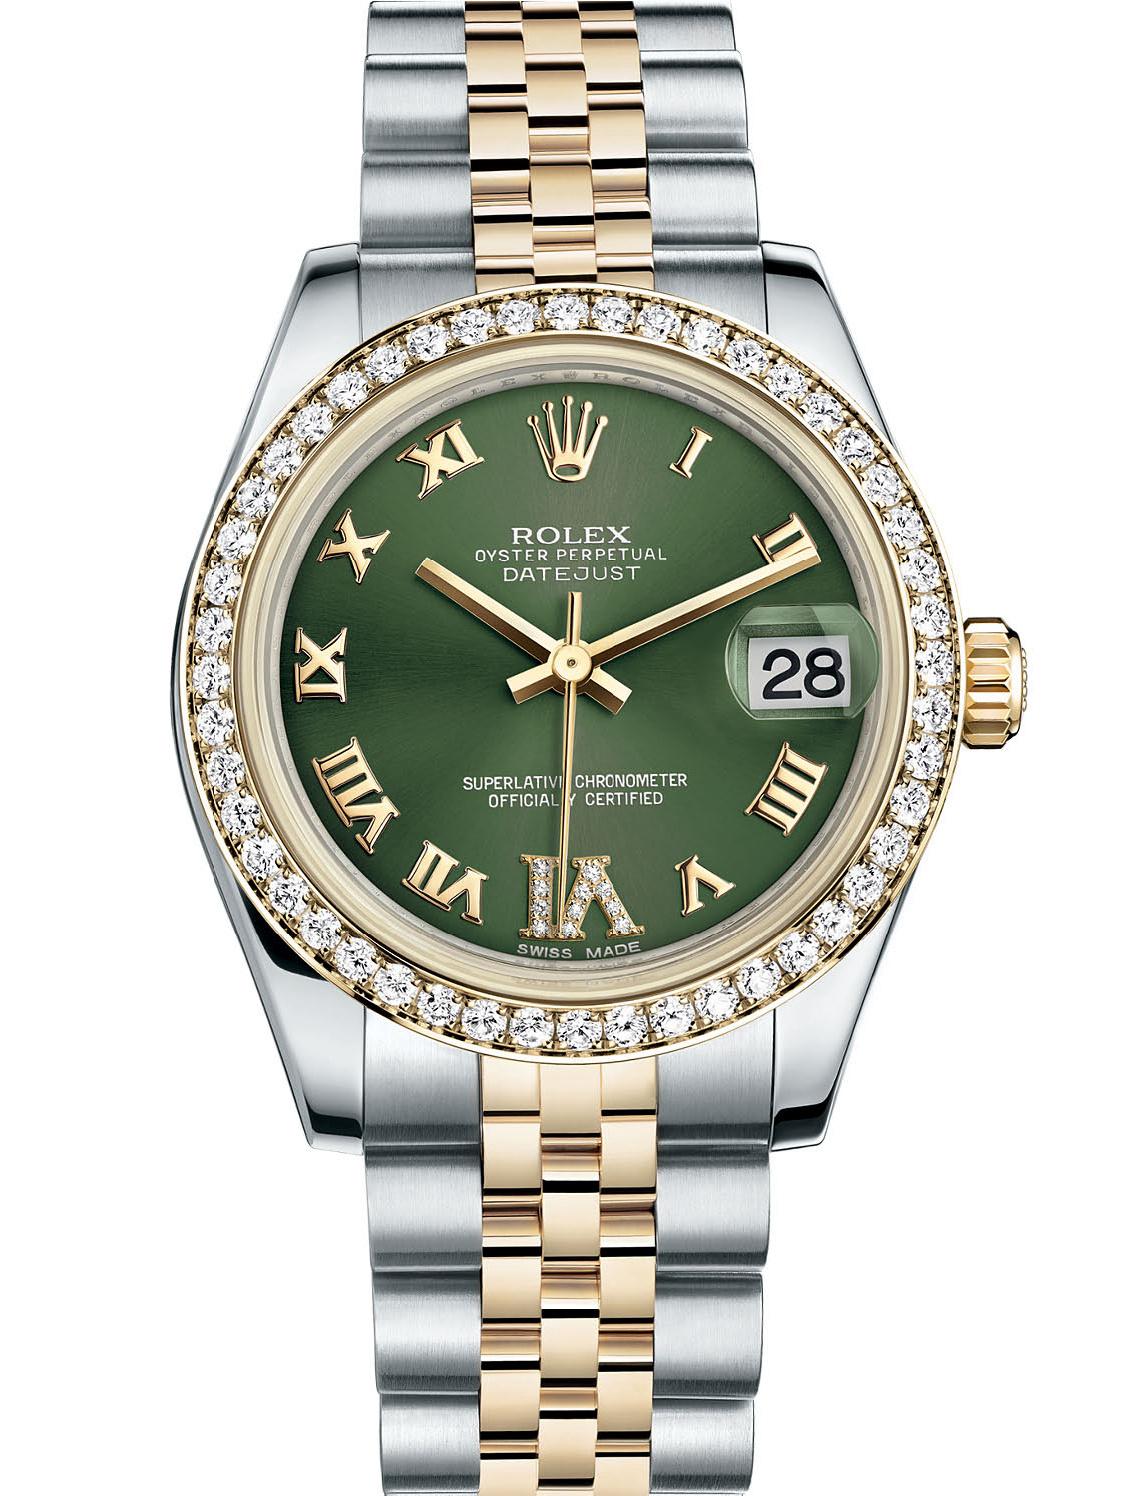 劳力士女装日志型31黄金钢钻圈绿面罗马字女表178383-0005